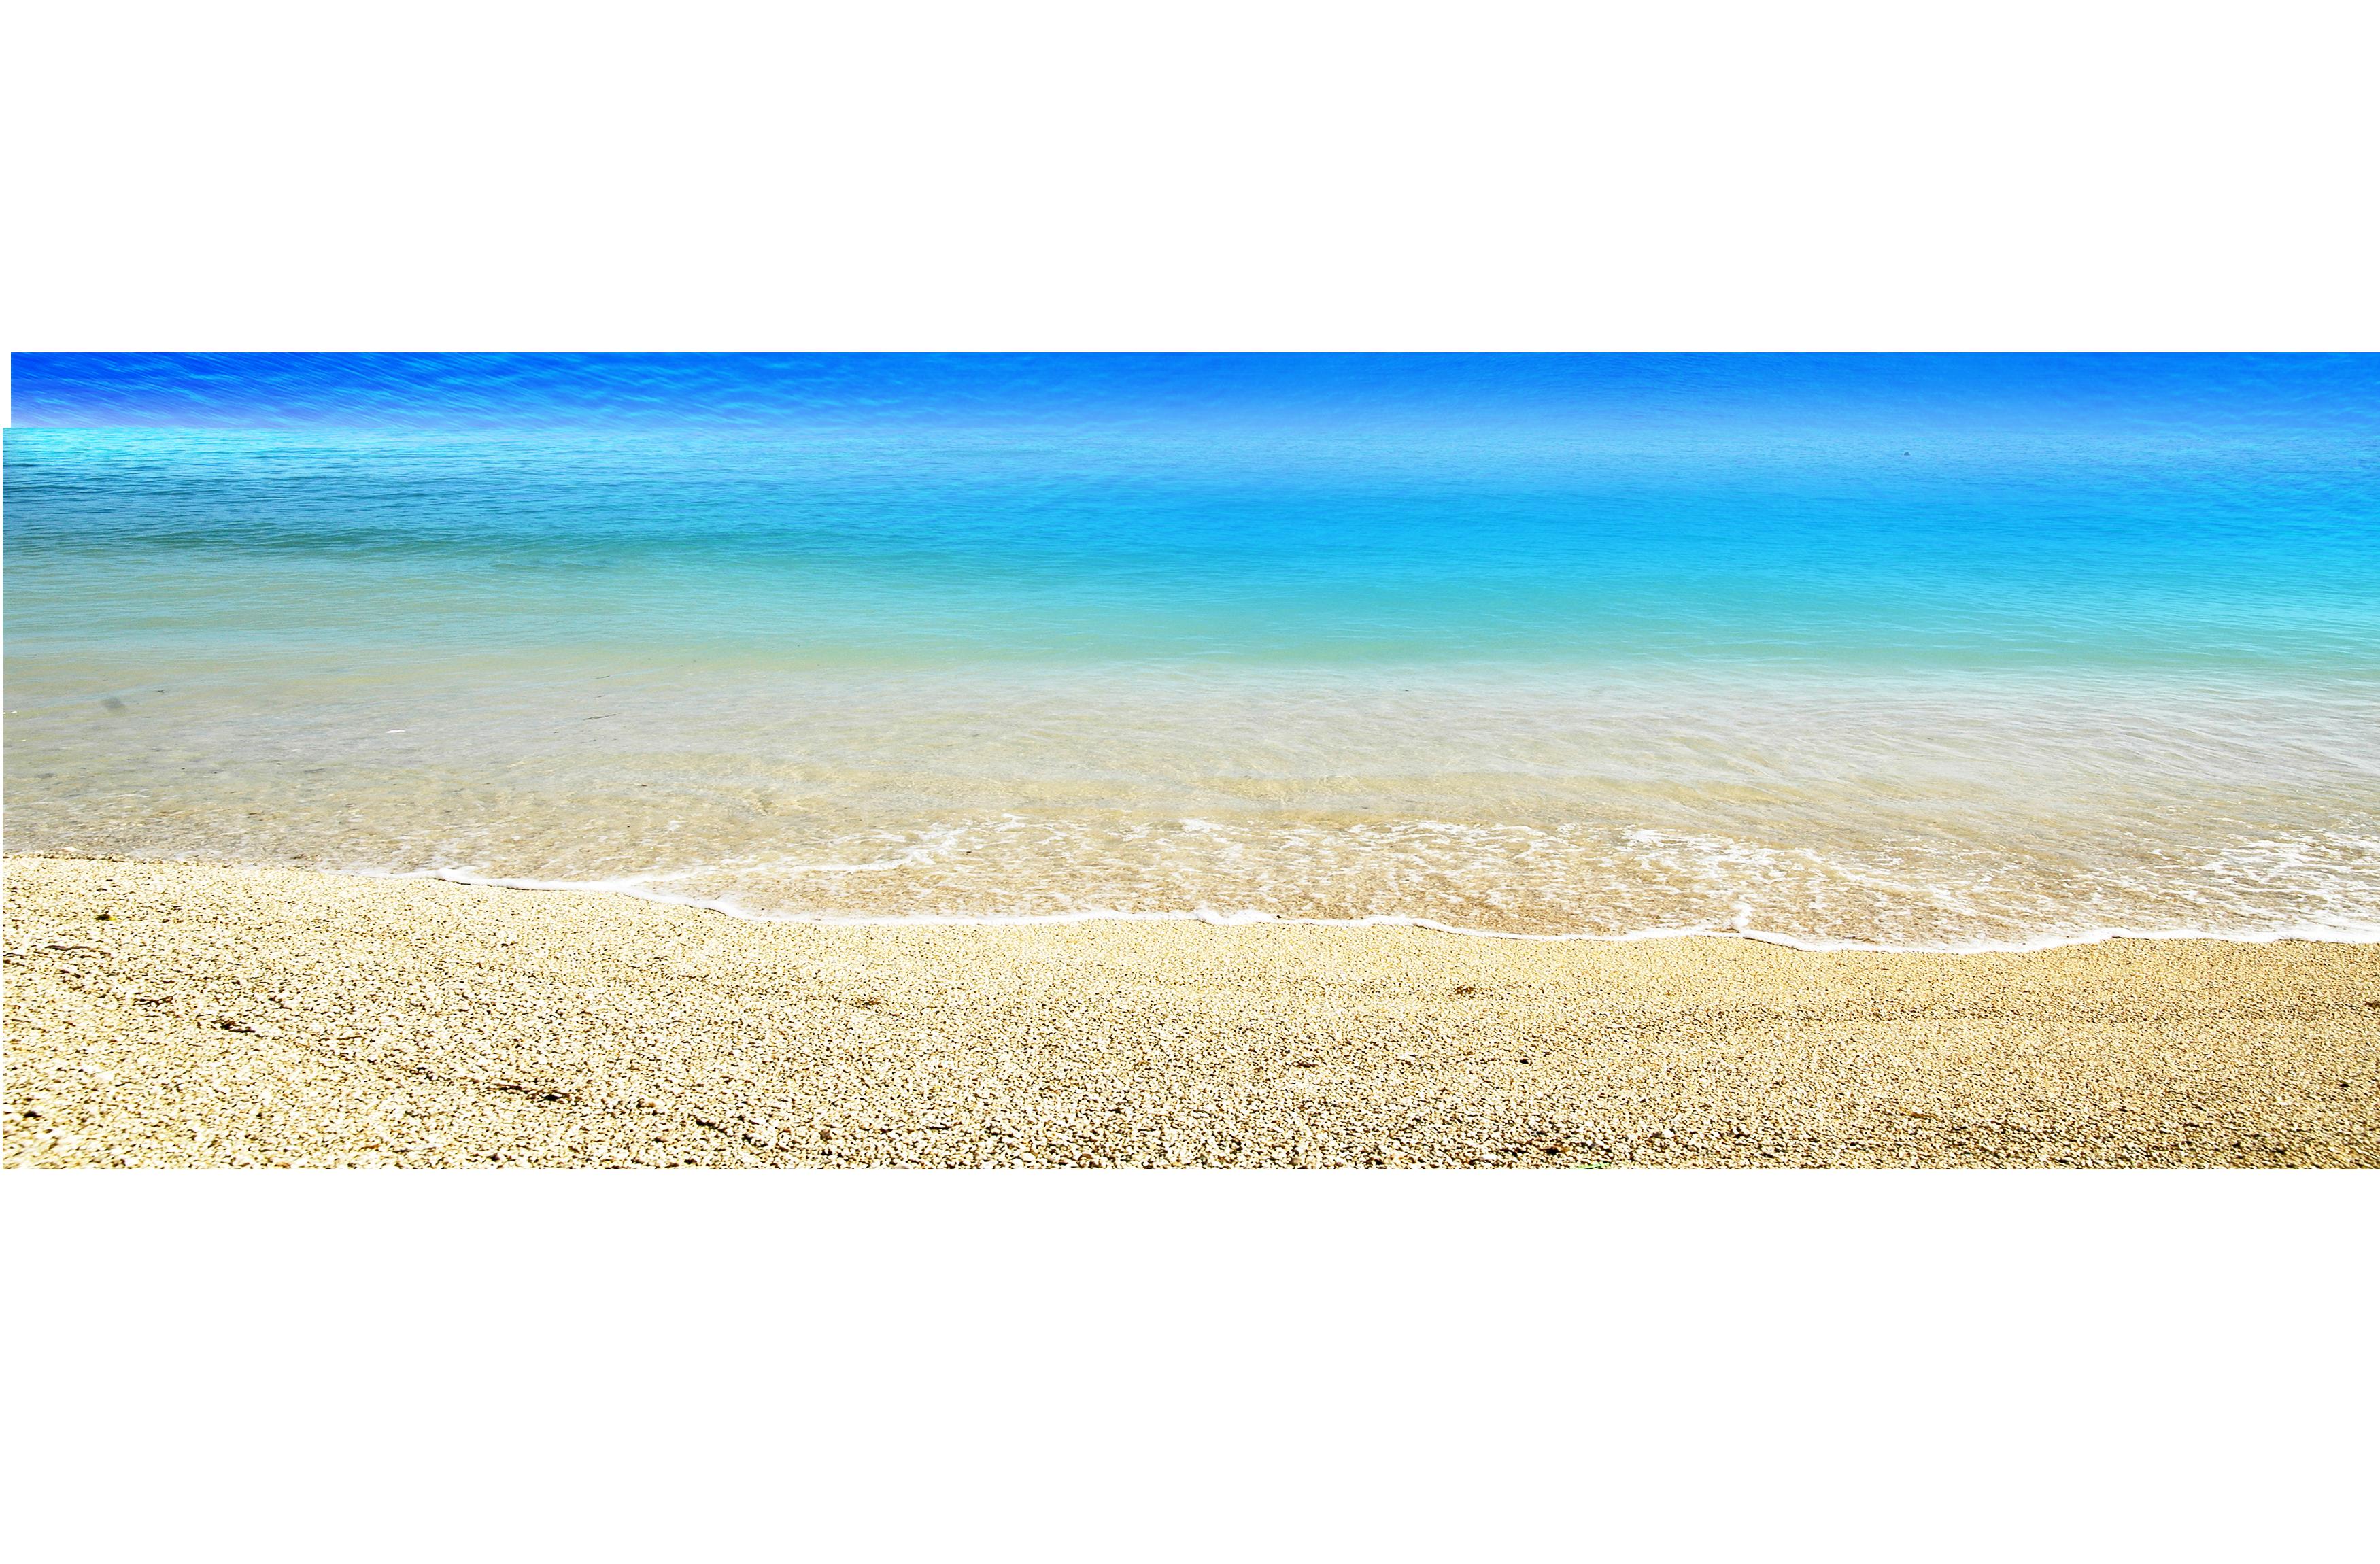 Arena sea clipart jpg black and white library Download Arena Beach, Sea La De Blue Playa Clipart PNG Free ... jpg black and white library